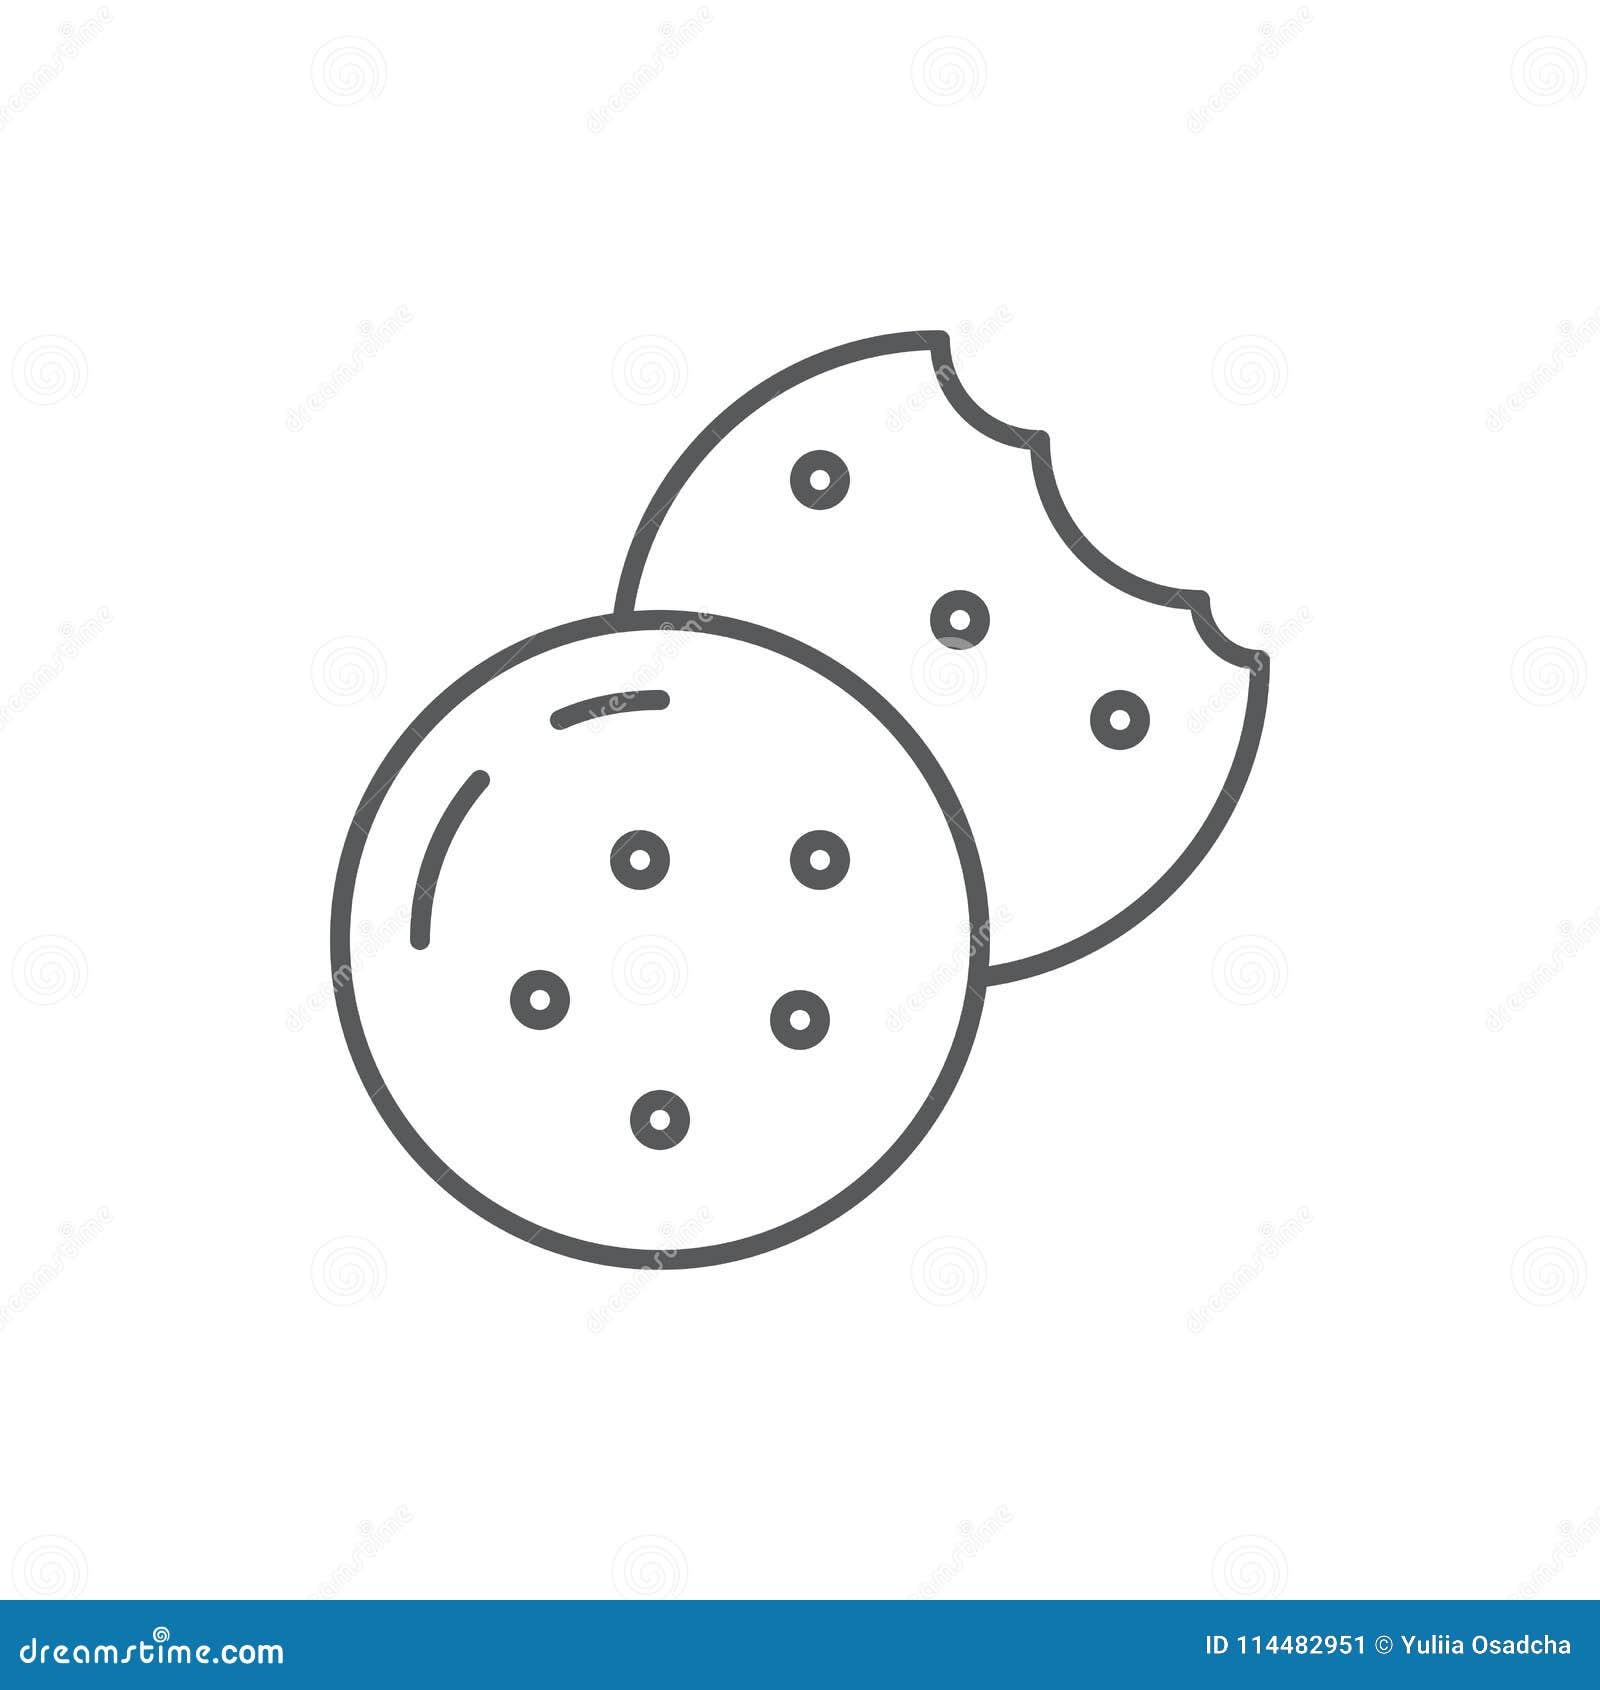 Koekje met pictogram van de chocoladeschilfers het editable lijn - bakkerij of banketbakkerijpixel perfecte vectorillustratie